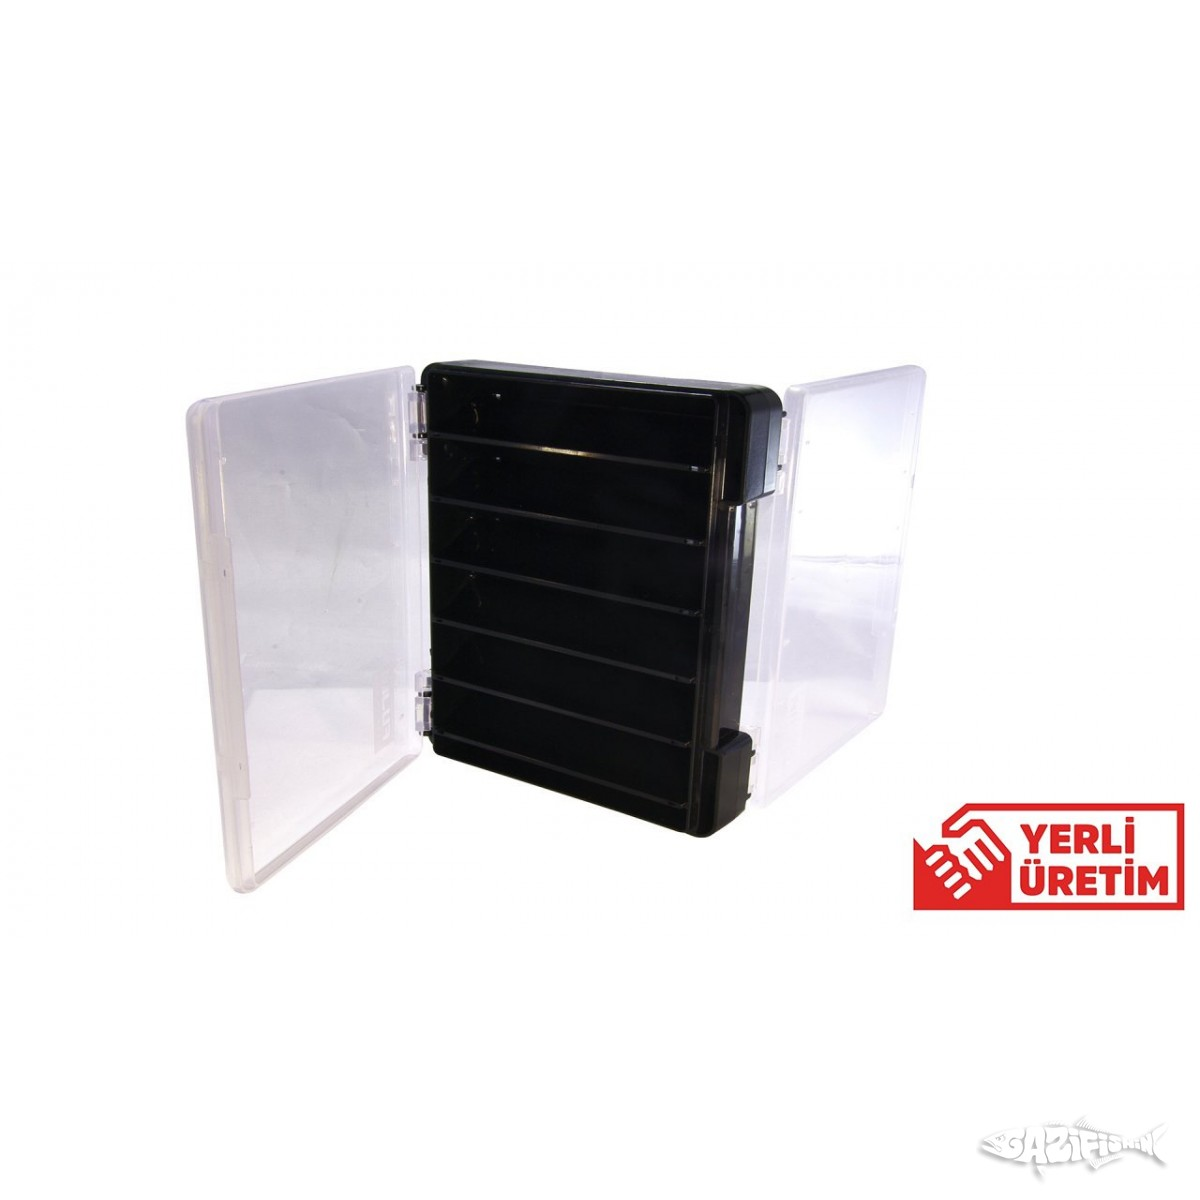 FUJIN Tackle Box Çift Taraflı Maket Balık Kutusu FTB104DS